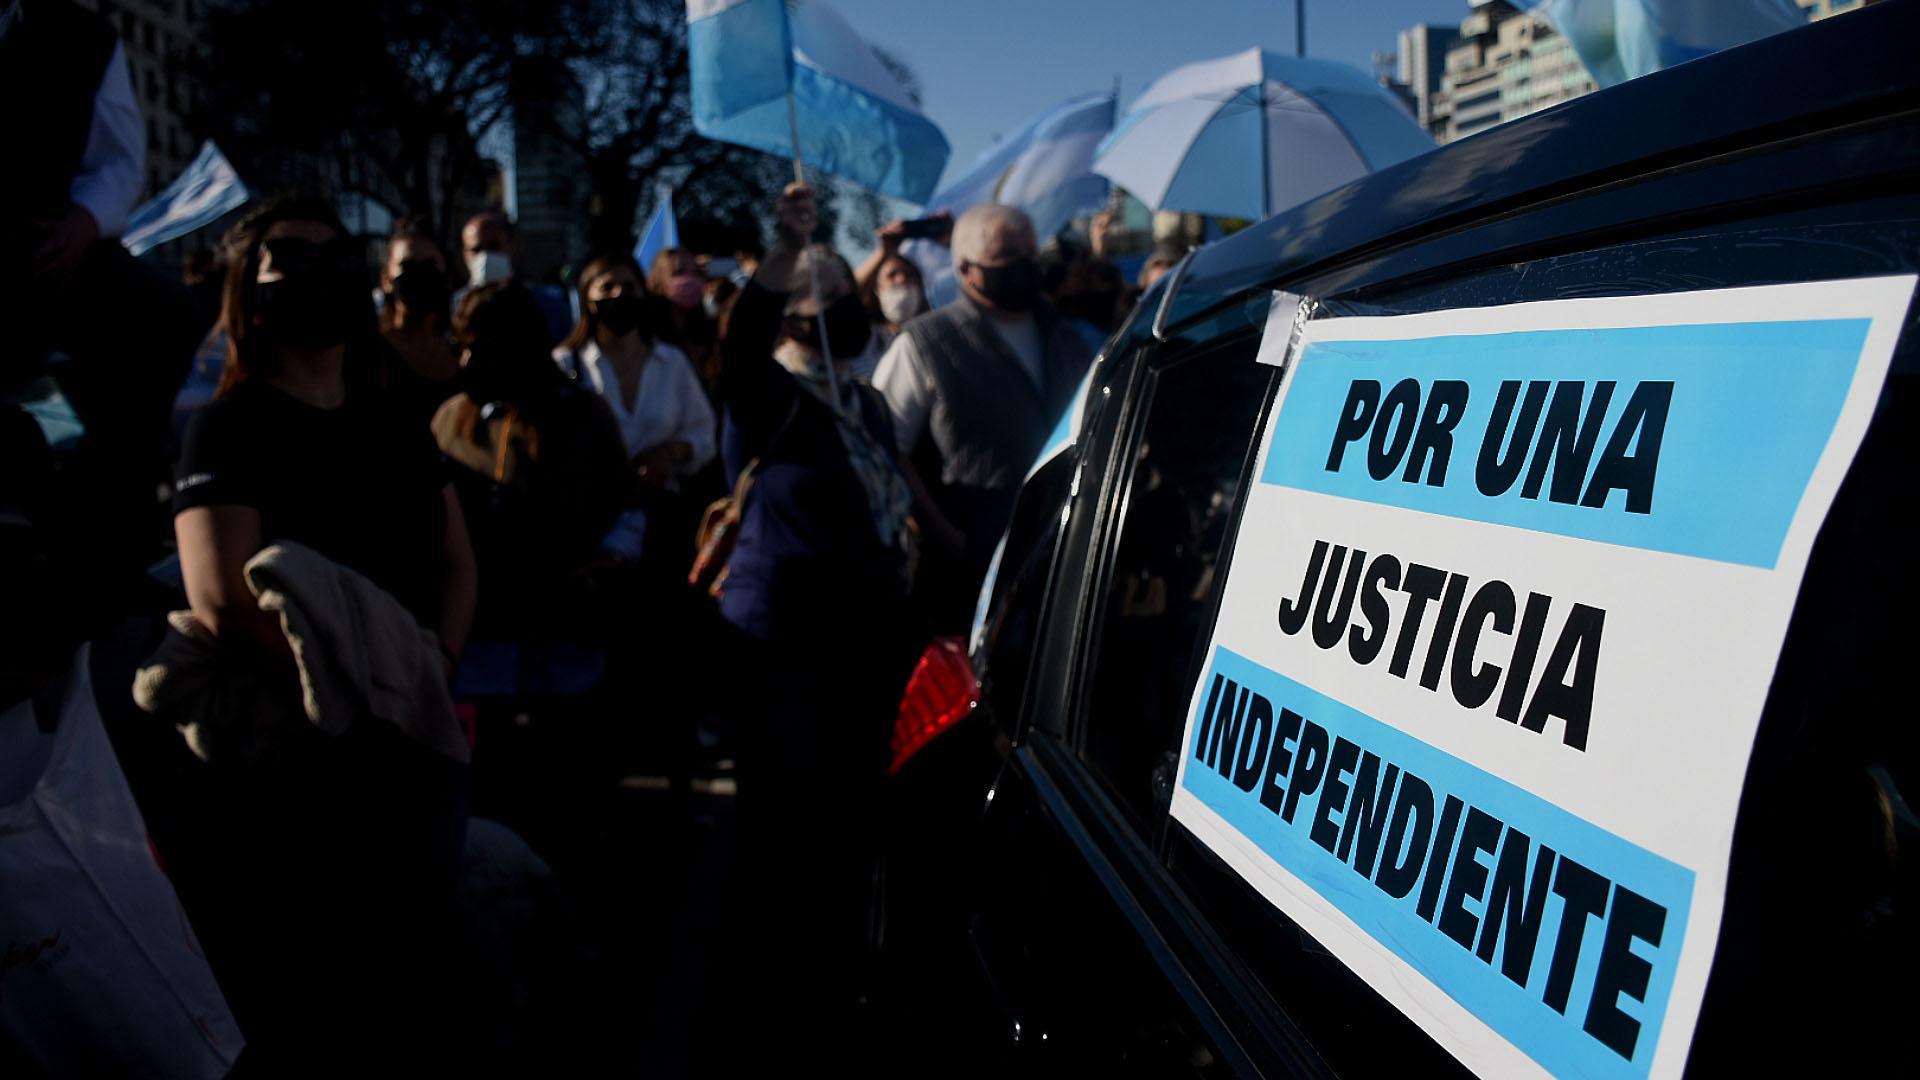 Los últimos cuestionamientos del kirchnerismo a la Justicia fueron repudiados por la gente durante el banderazo